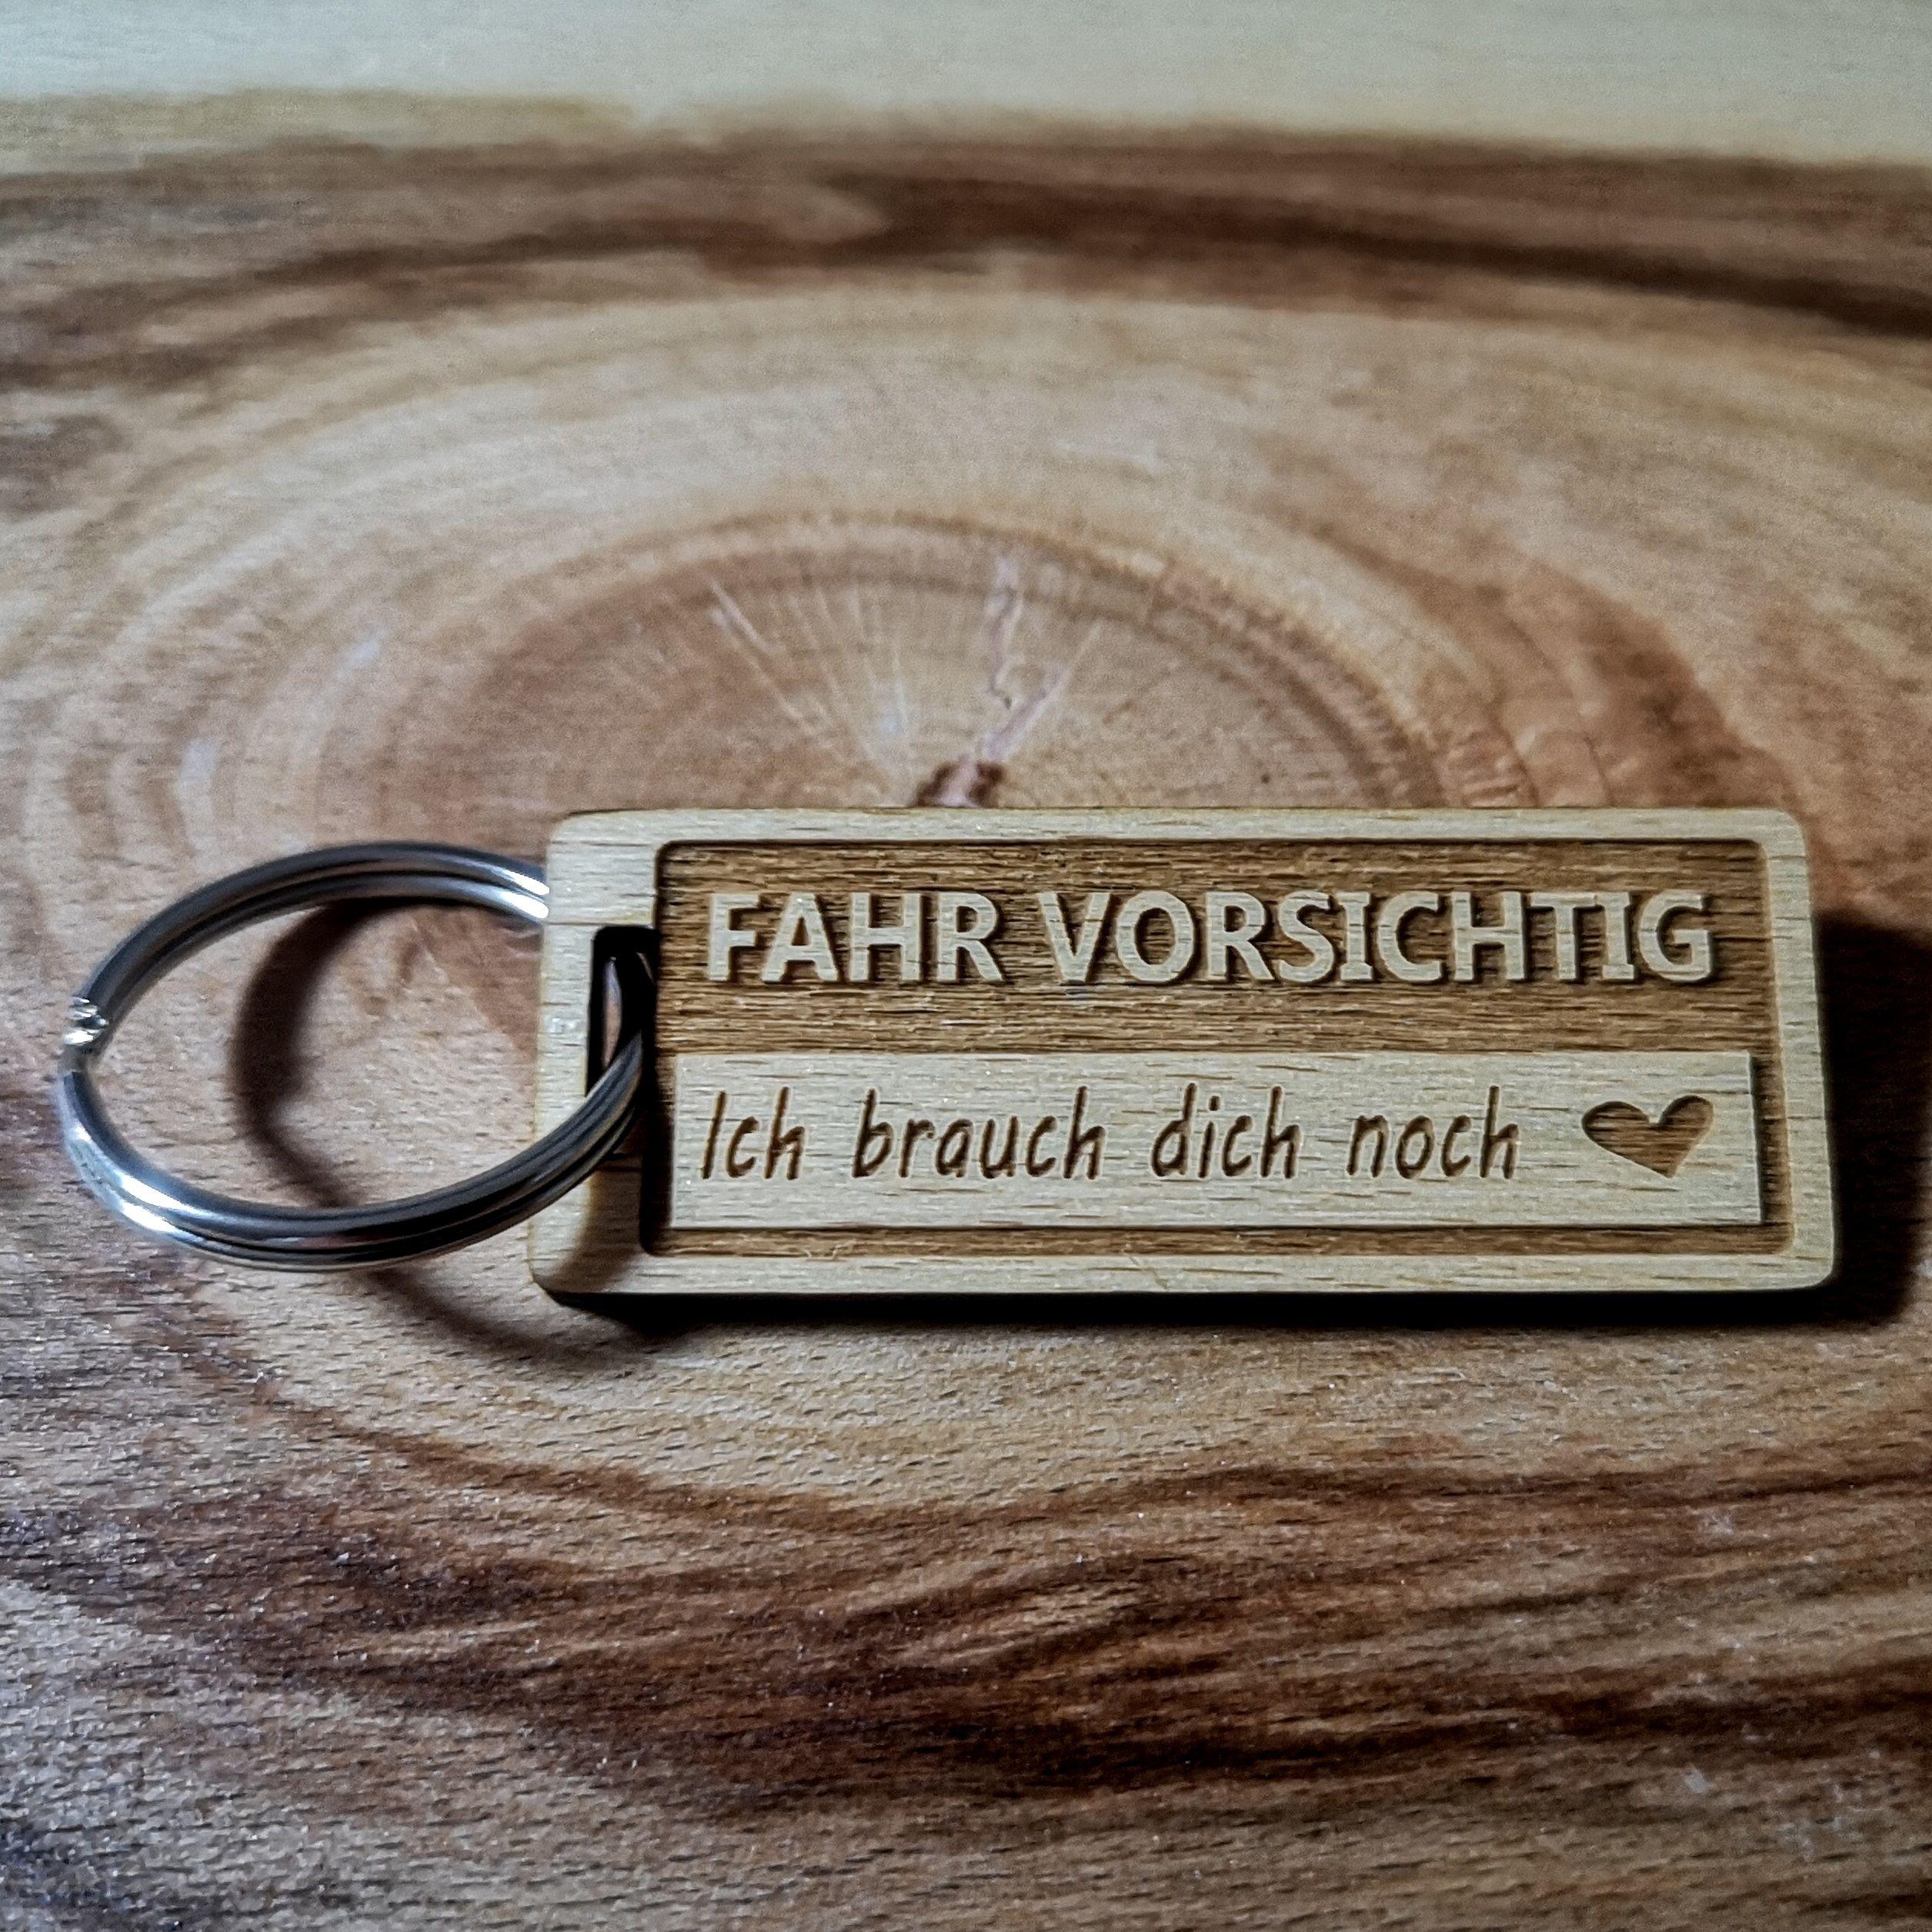 Fahr Vorsichtig Schlüsselanhänger aus Buchen-Holz Weihnachts-Geschenk #holzideen